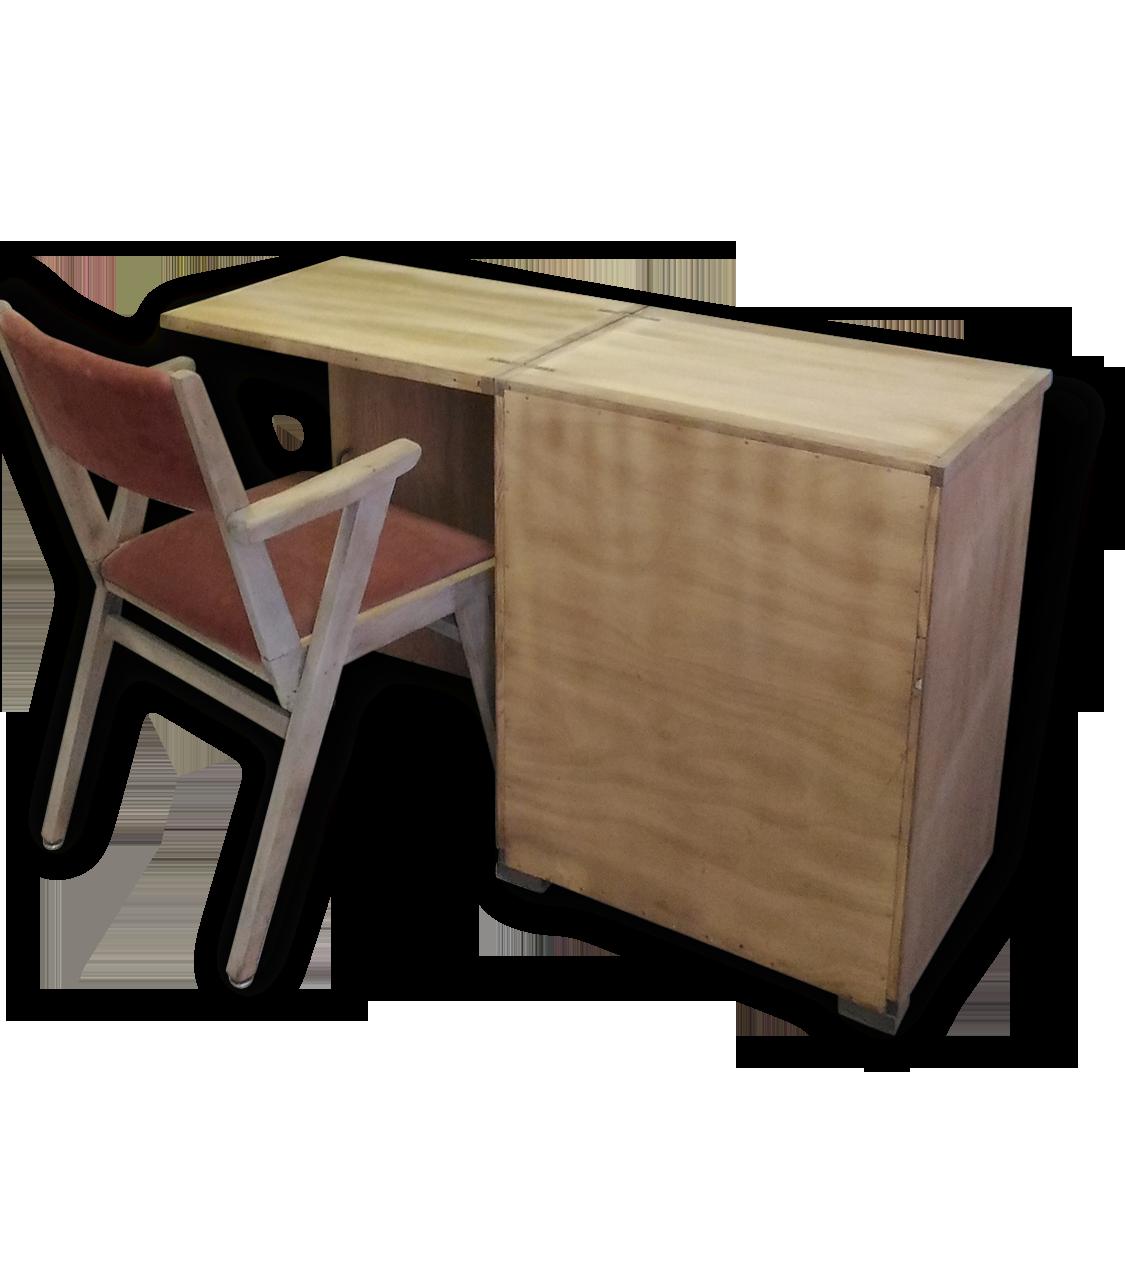 Meuble vintage bureau d appoint bois brut rétro bois matériau